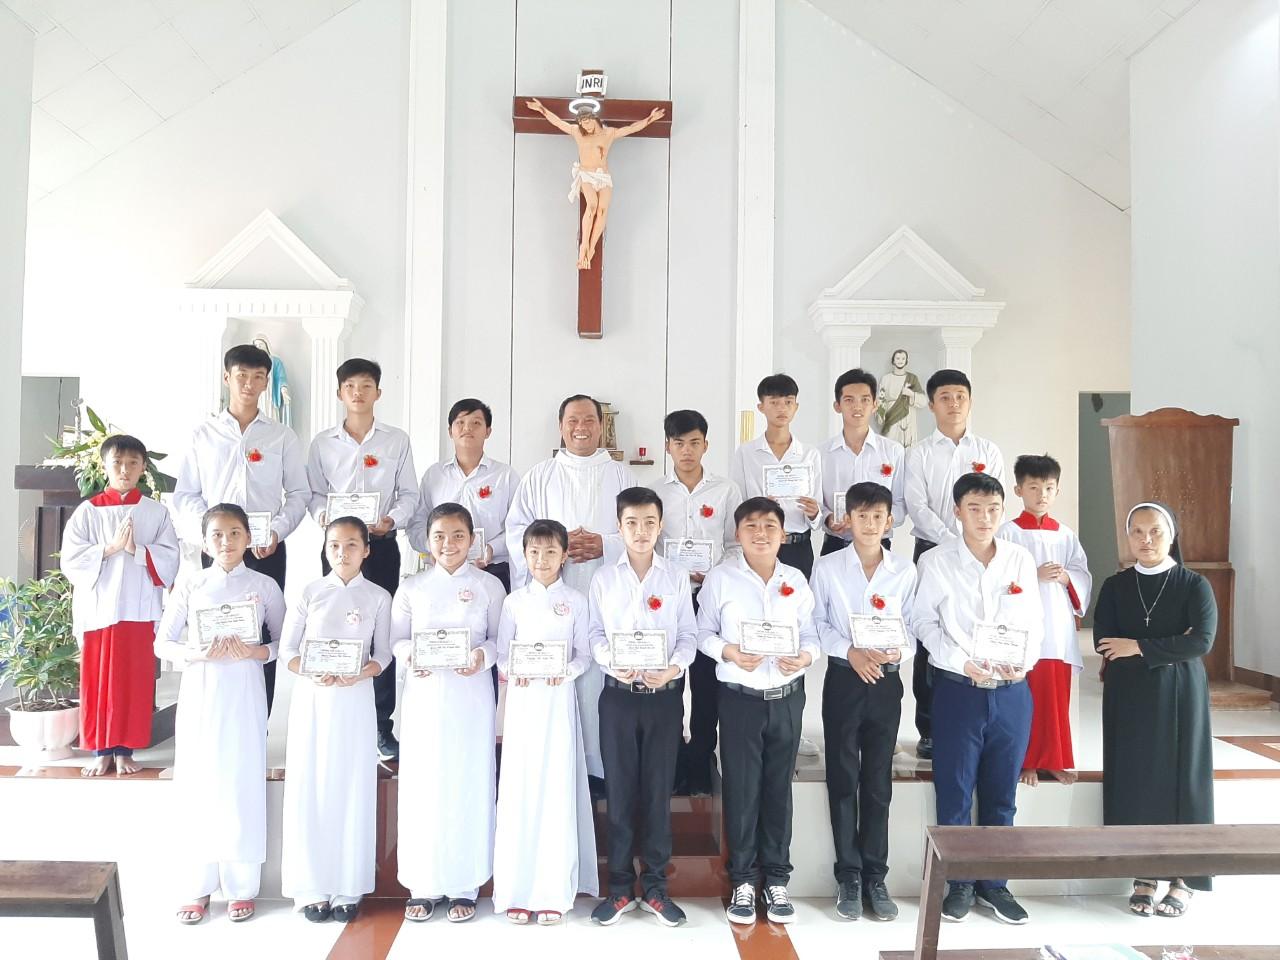 Họ đạo Cái Tắc & Cái Hàng : Thánh Lễ tuyên hứa Bao Đồng